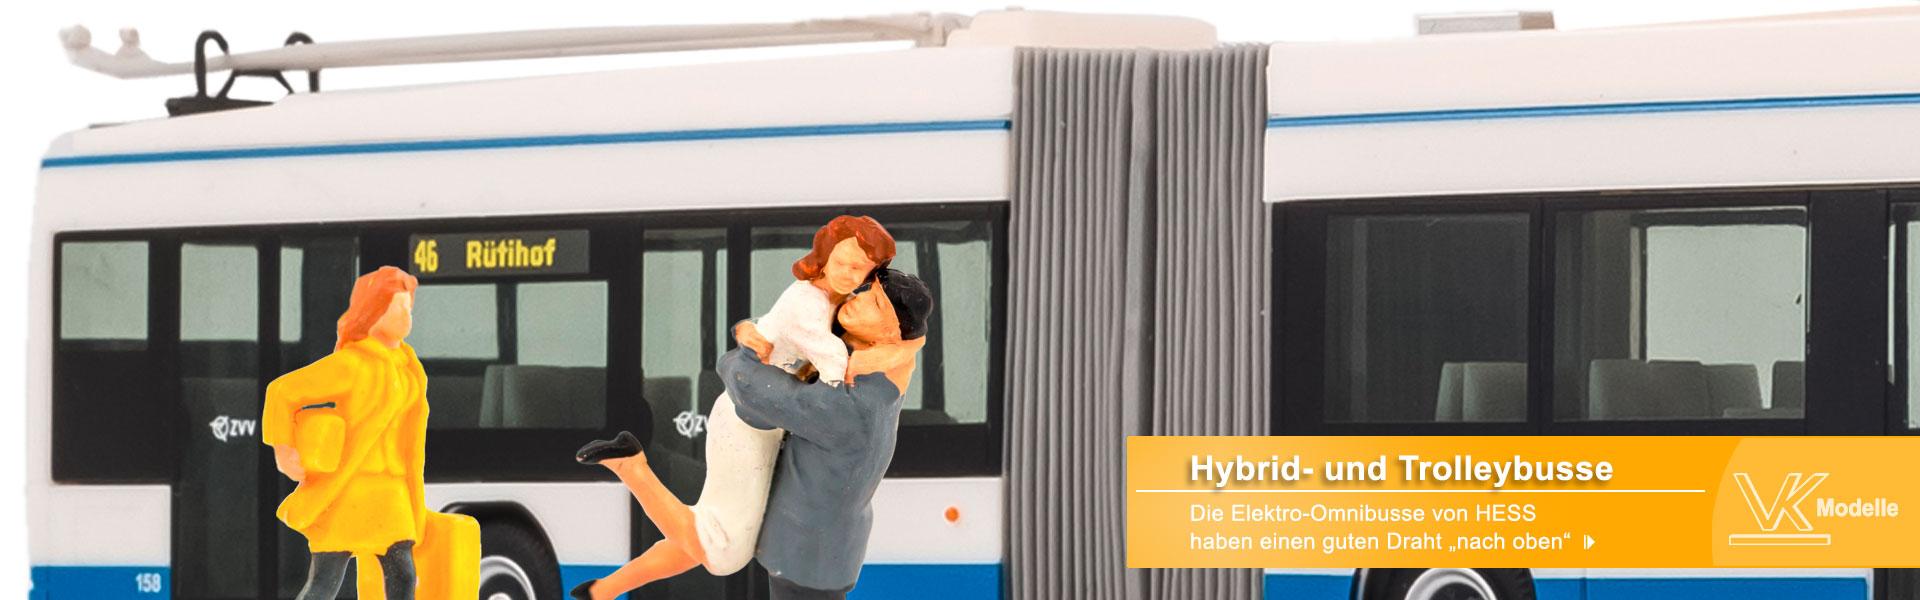 Hess Trolley- und Hybridbusse - VK-Modelle